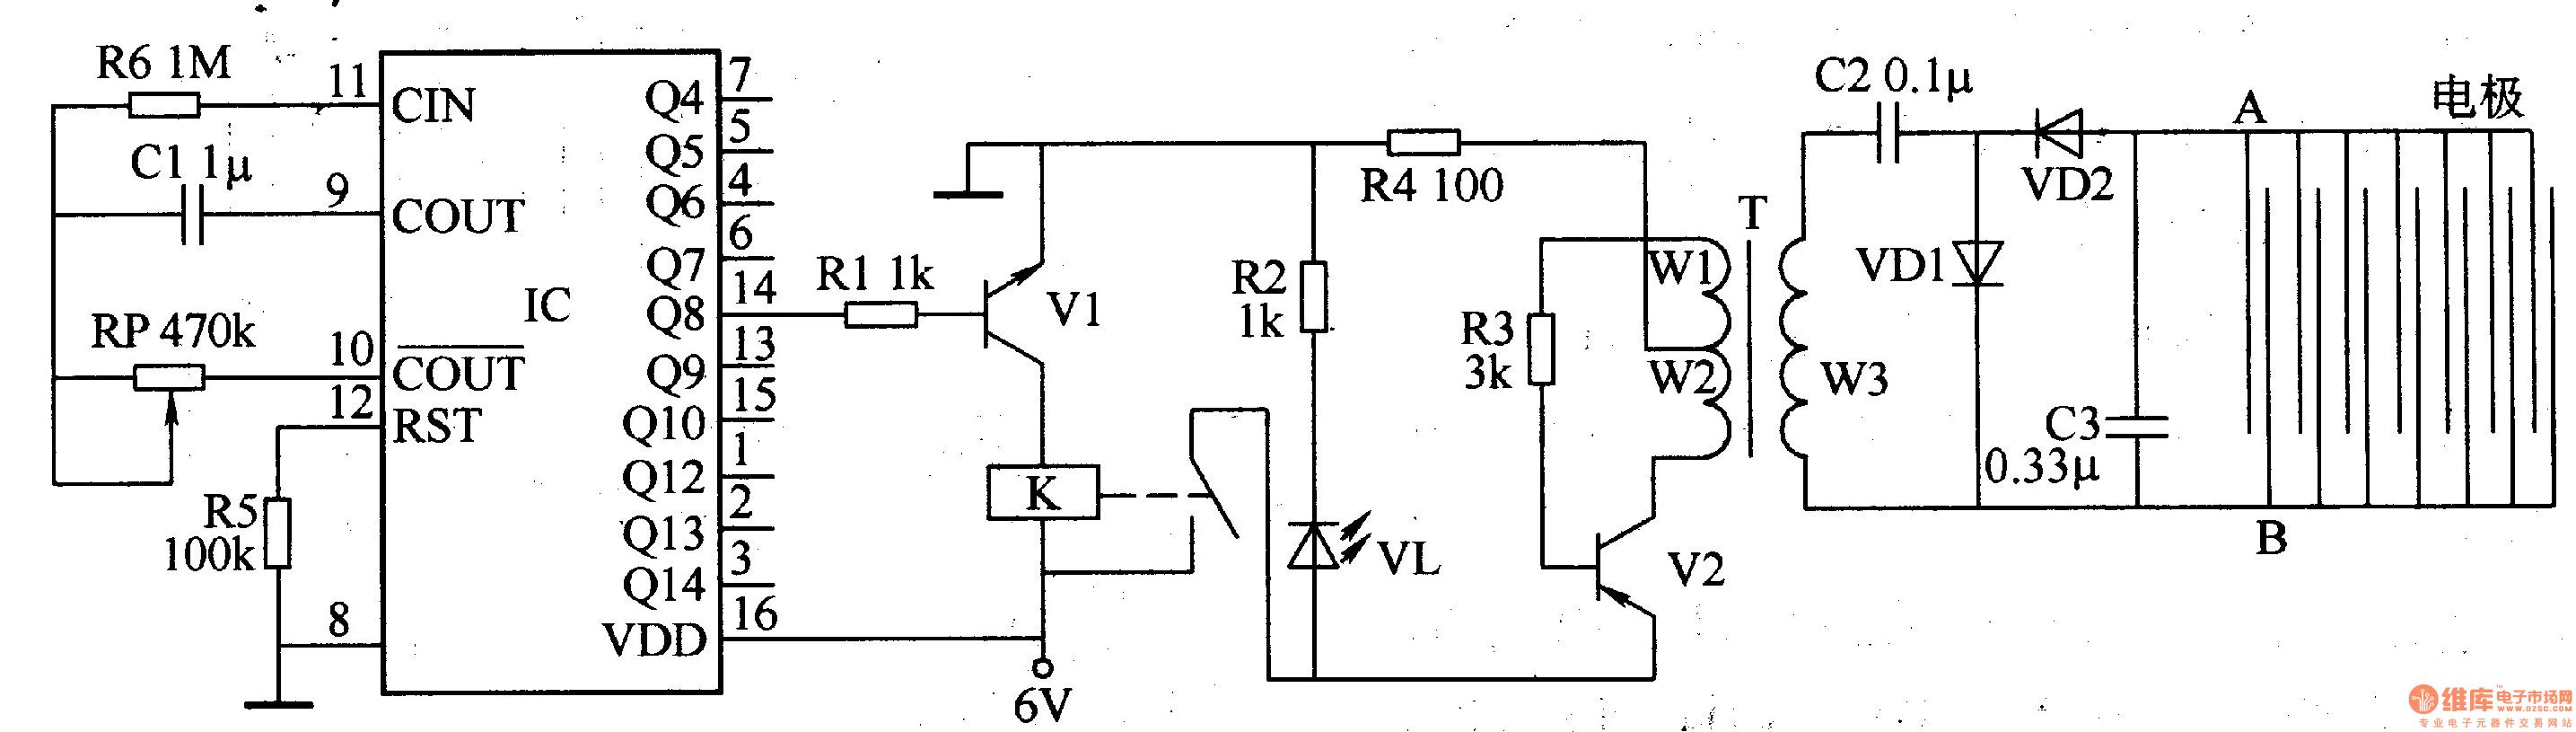 、电容器Cl和电位器RP组成.-电子灭蝗器 二